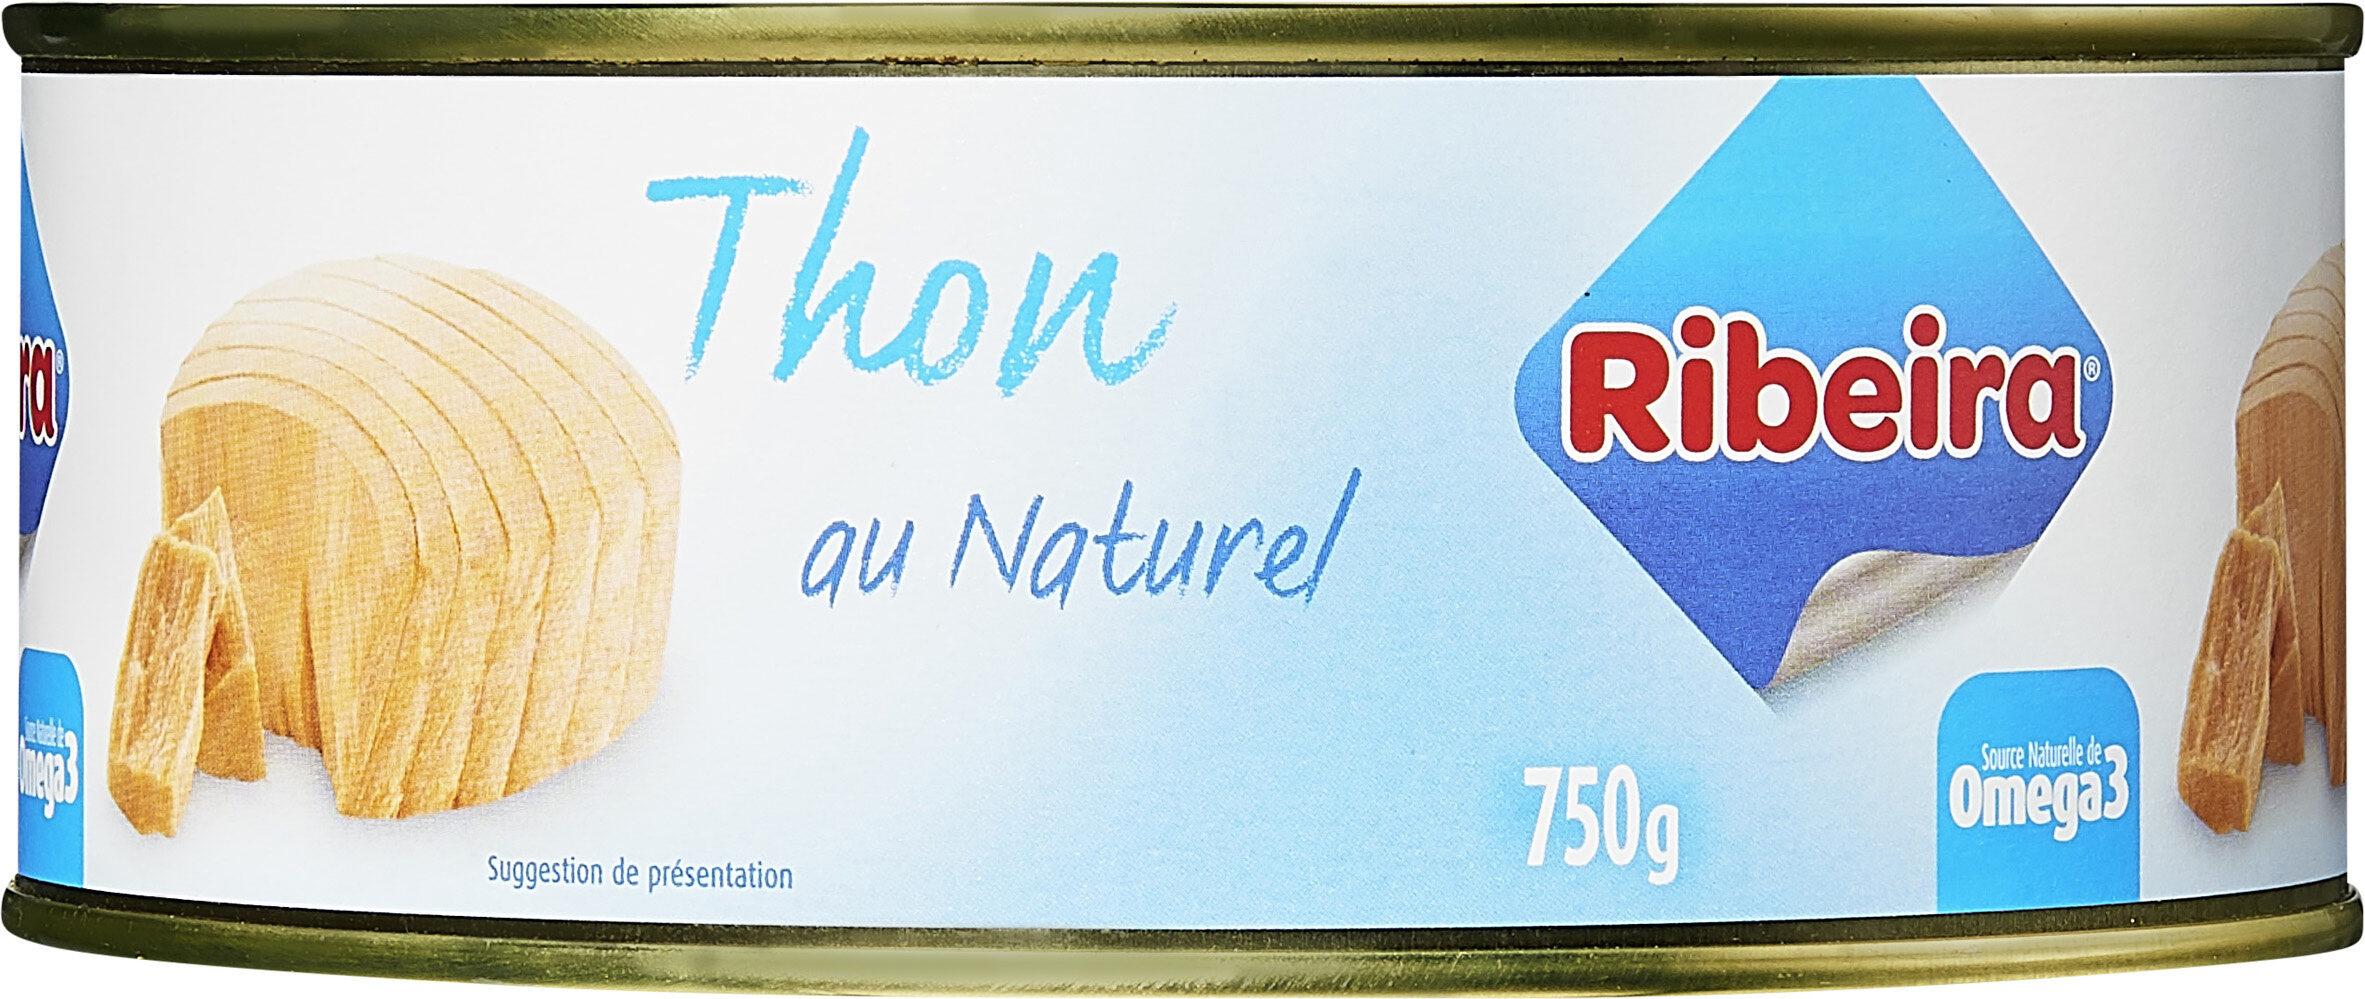 Thon au naturel - Prodotto - fr